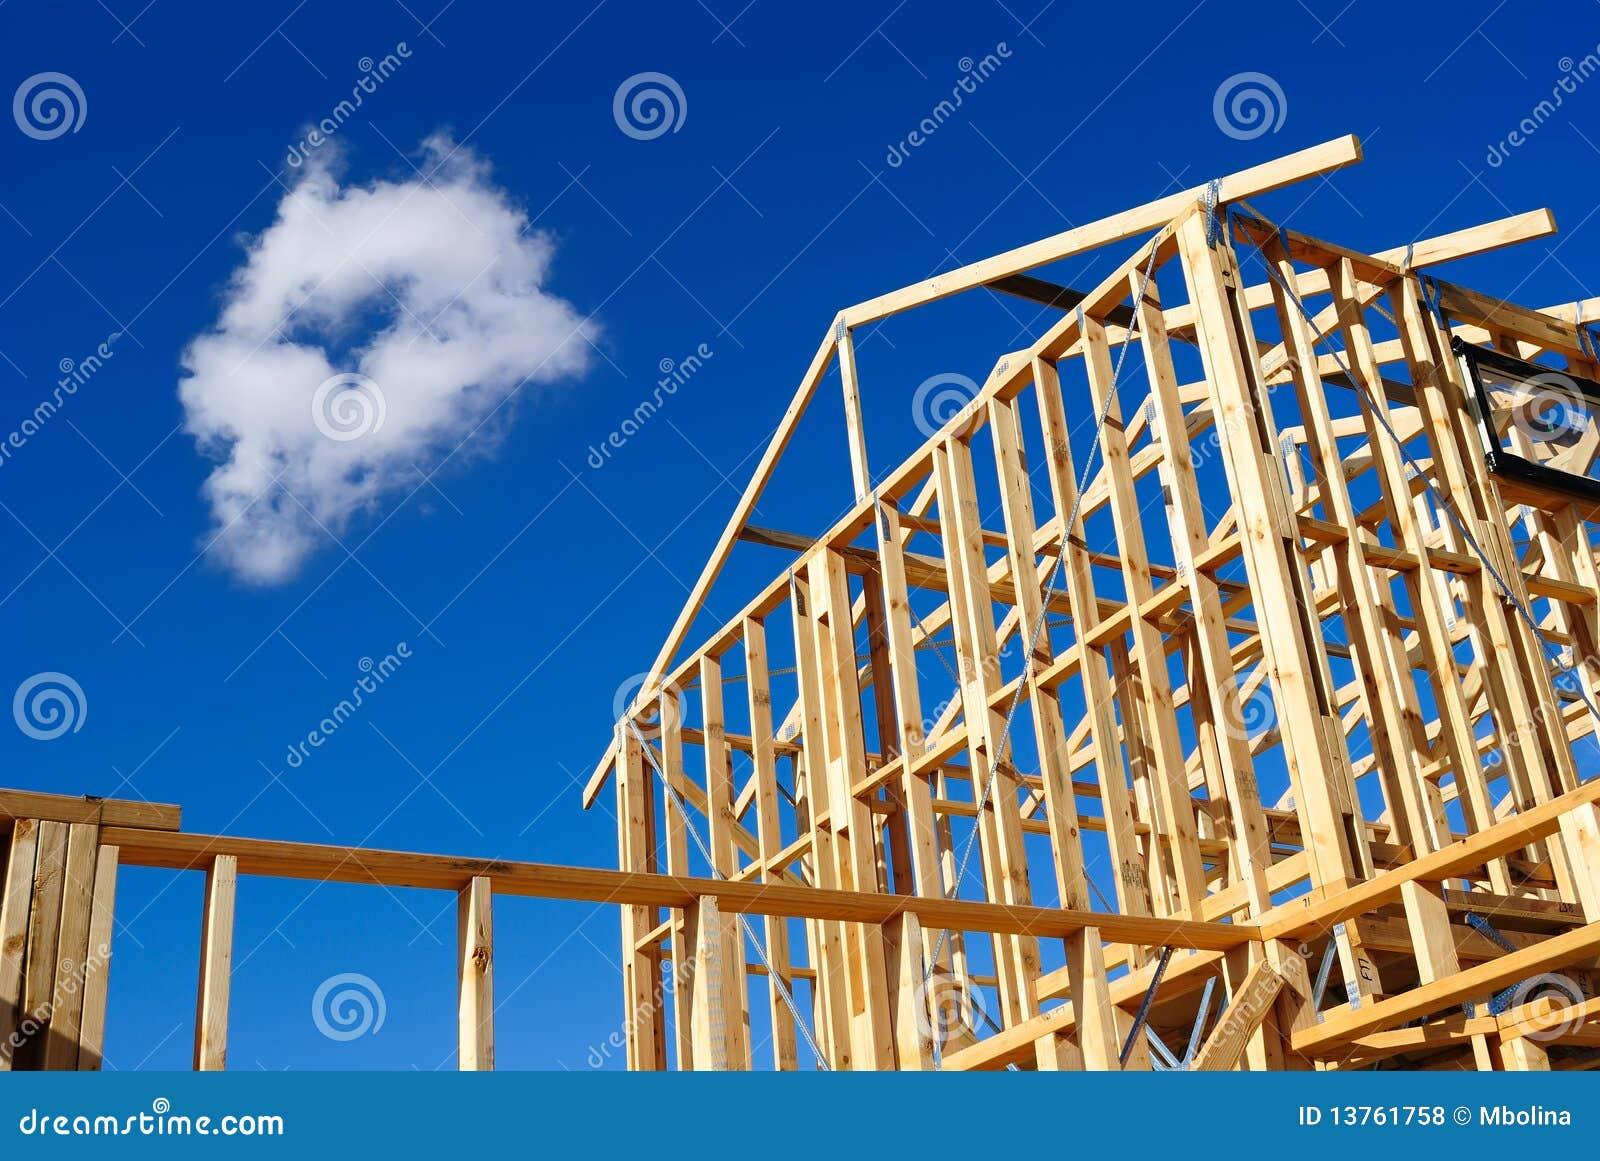 Detalle del bastidor de la casa bajo construcci n fotos de - Detalles para la casa ...